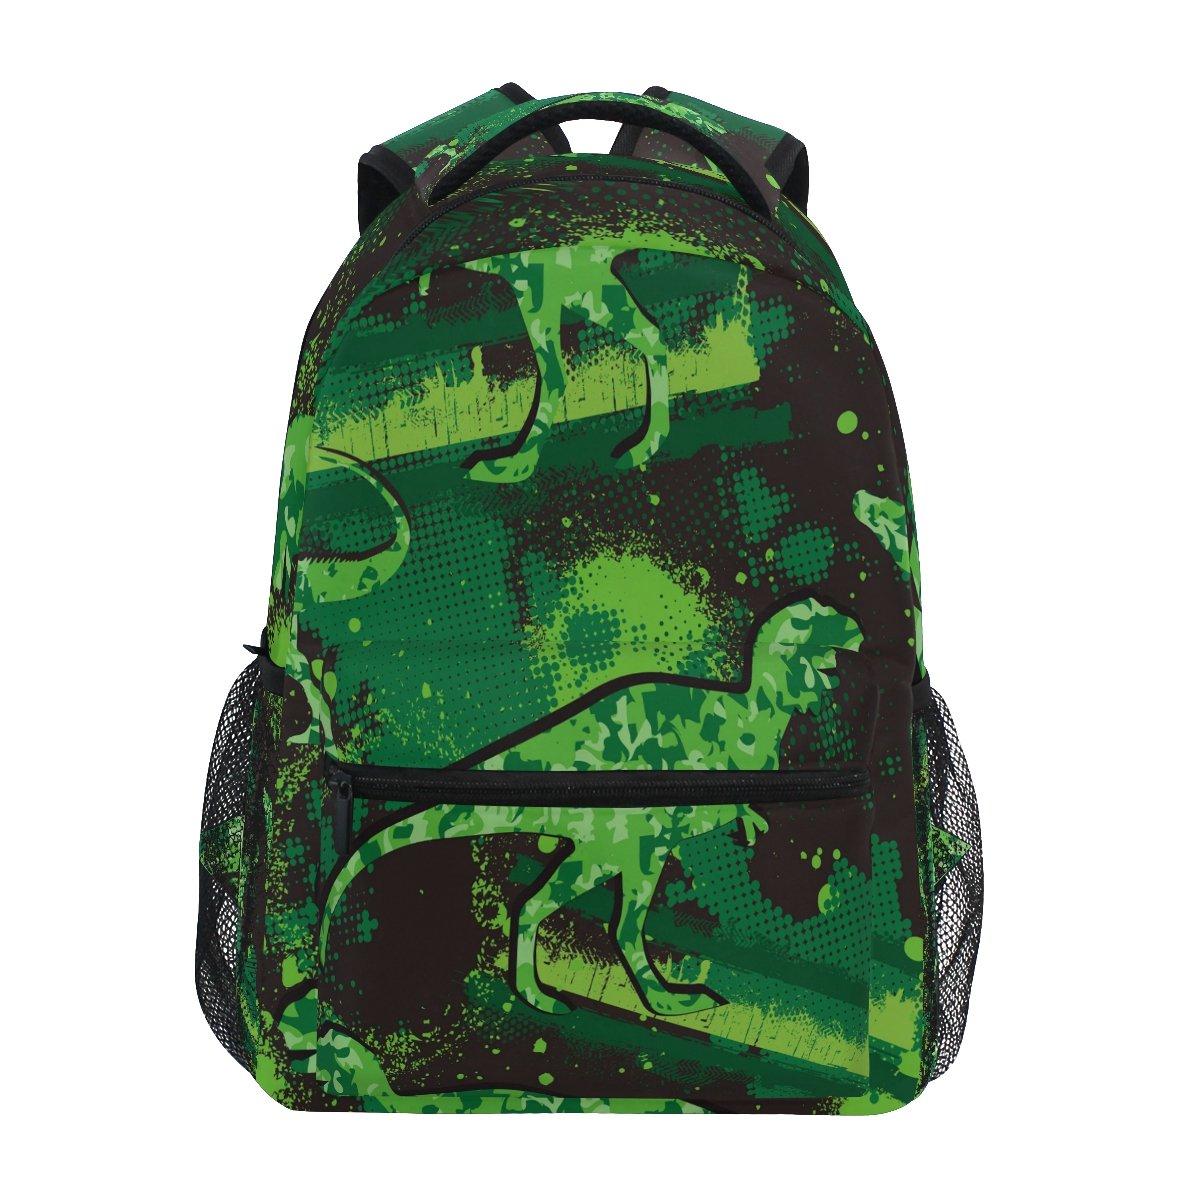 ZZKKO Mochilas de dinosaurio para colegio, libro, viajes, senderismo, senderismo, senderismo, acampada, mochila 1594db